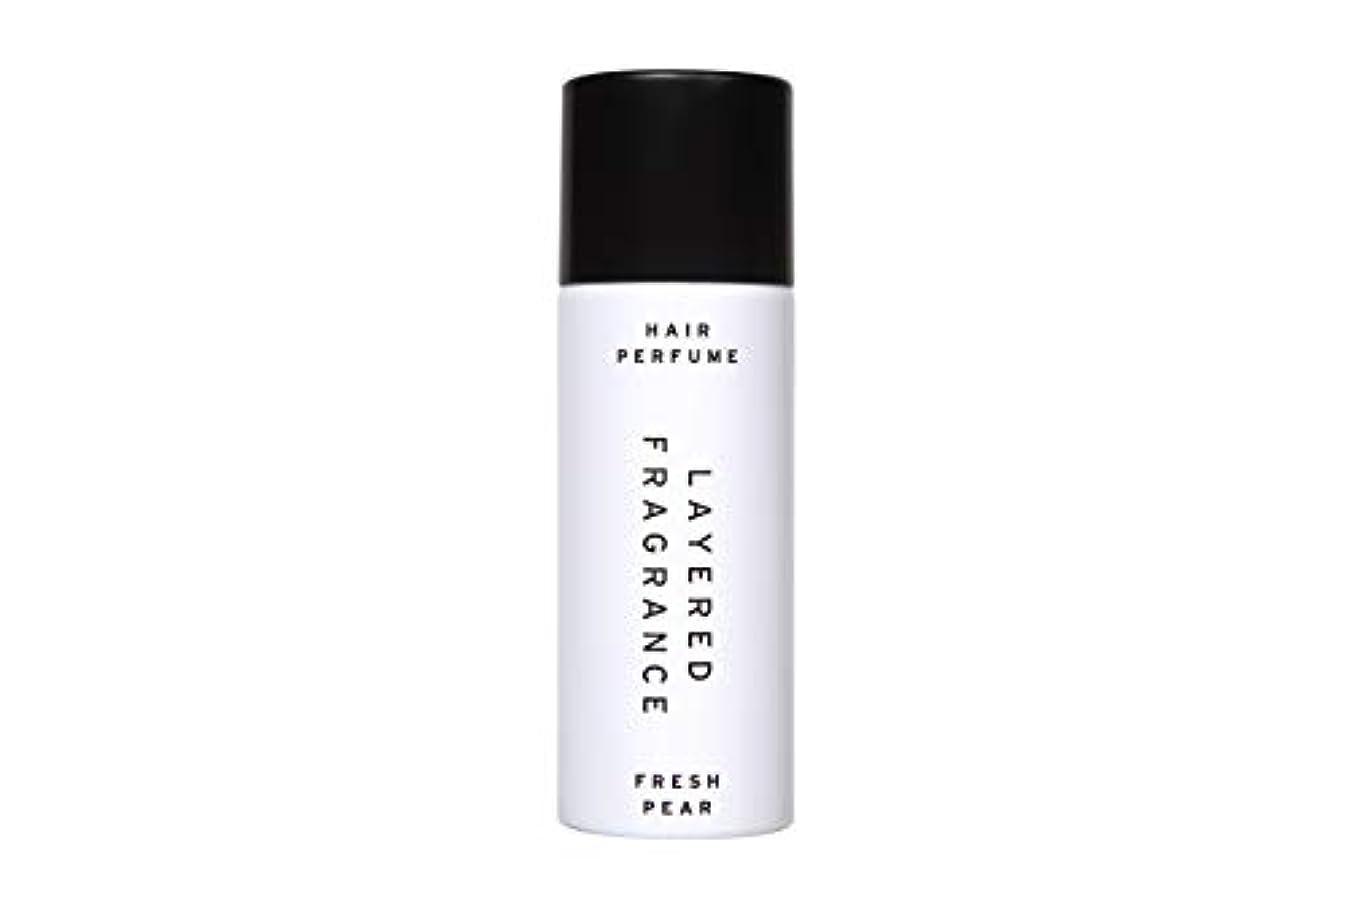 と闘う列挙する結び目レイヤードフレグランス ヘアトリートメントパフューム フレッシュペア LAYERED FRAGRANCE HAIR TREATMENT PERFUME FRESH PEAR